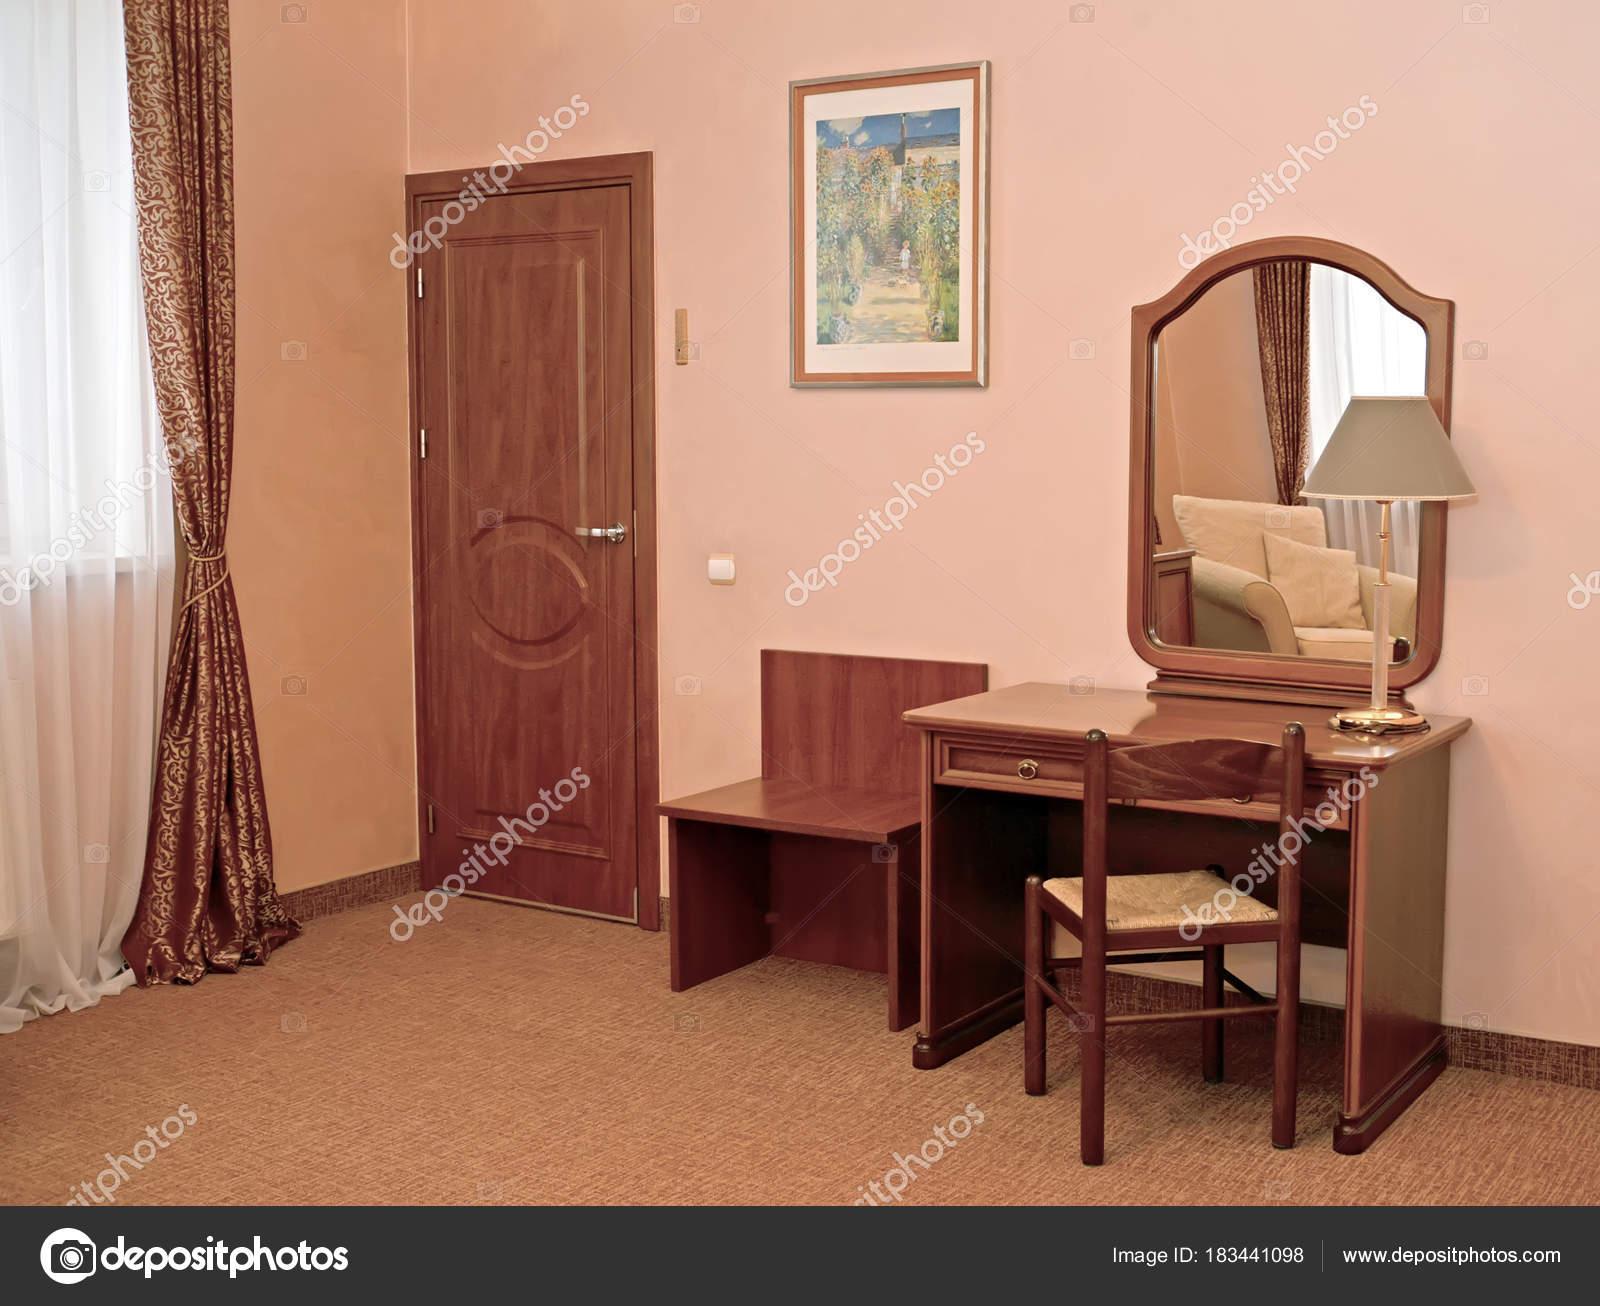 Un fragment d un intérieur de la chambre d hôtel avec un miroir